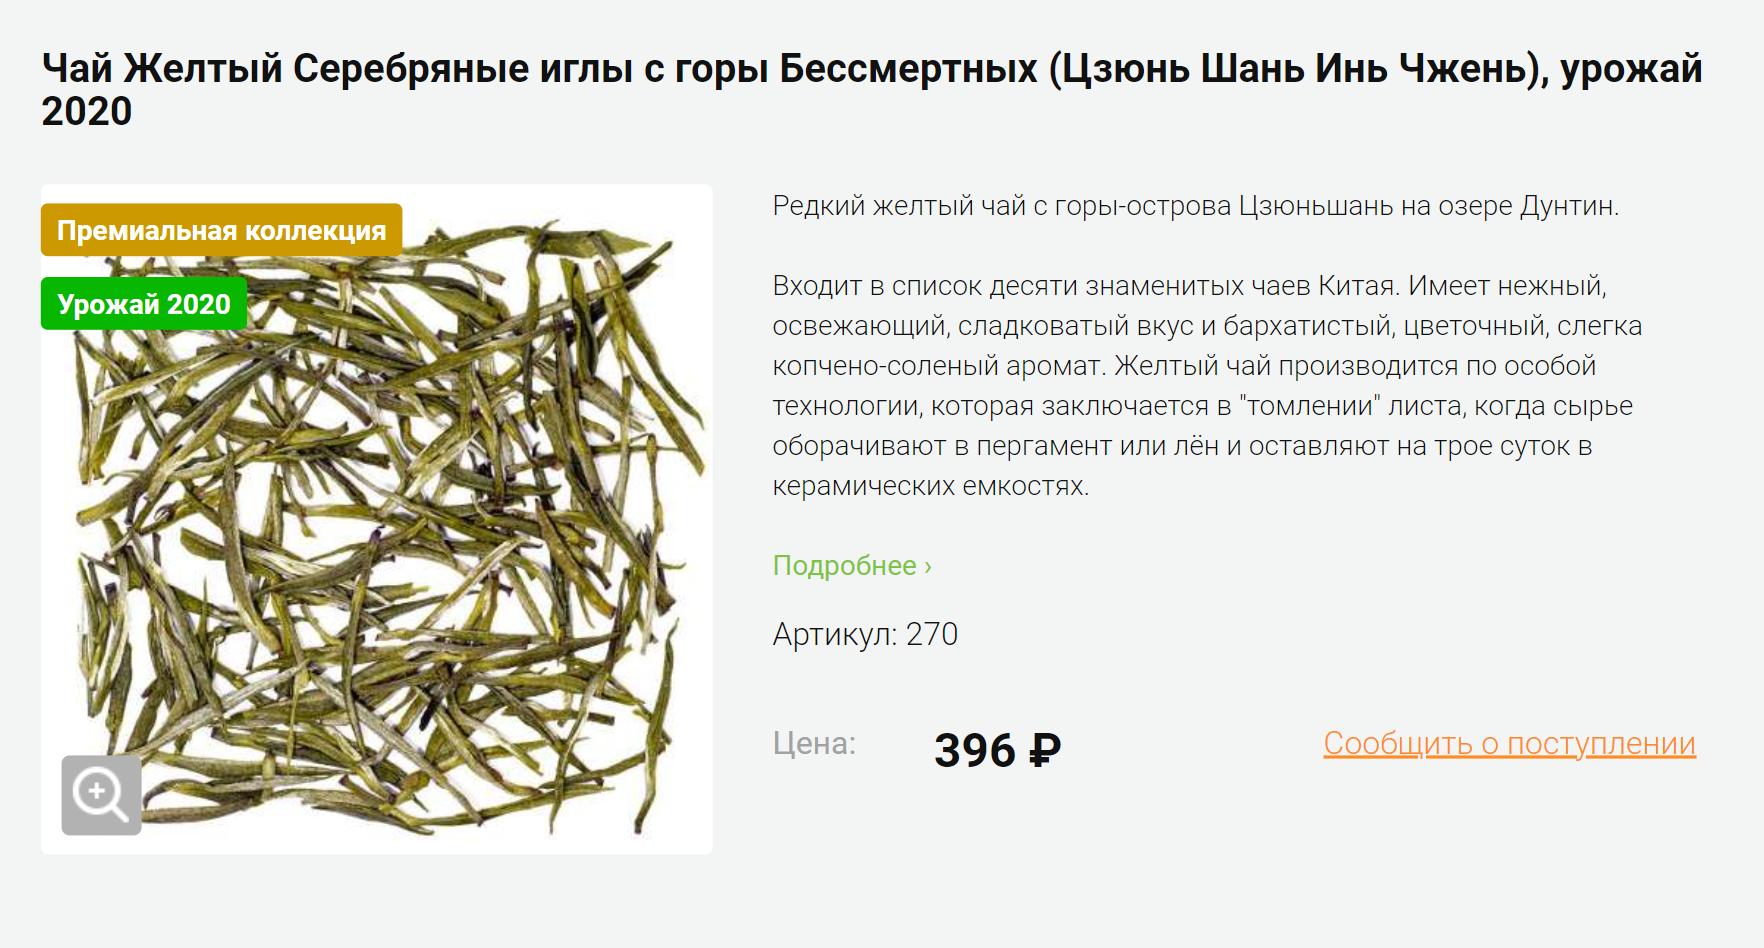 Это популярный желтый чай Цзюньшань Иньчжэнь. Изнего получается прозрачный настой слимонным оттенком. Источник: chai-chai.ru